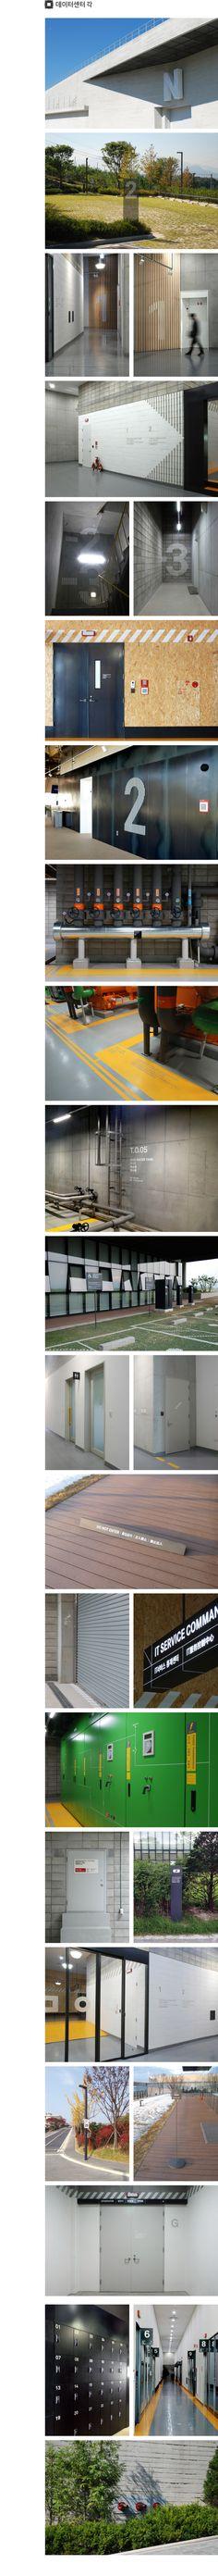 NAVER data center GAK Signage Client : NAVER http://atelierdesign.kr